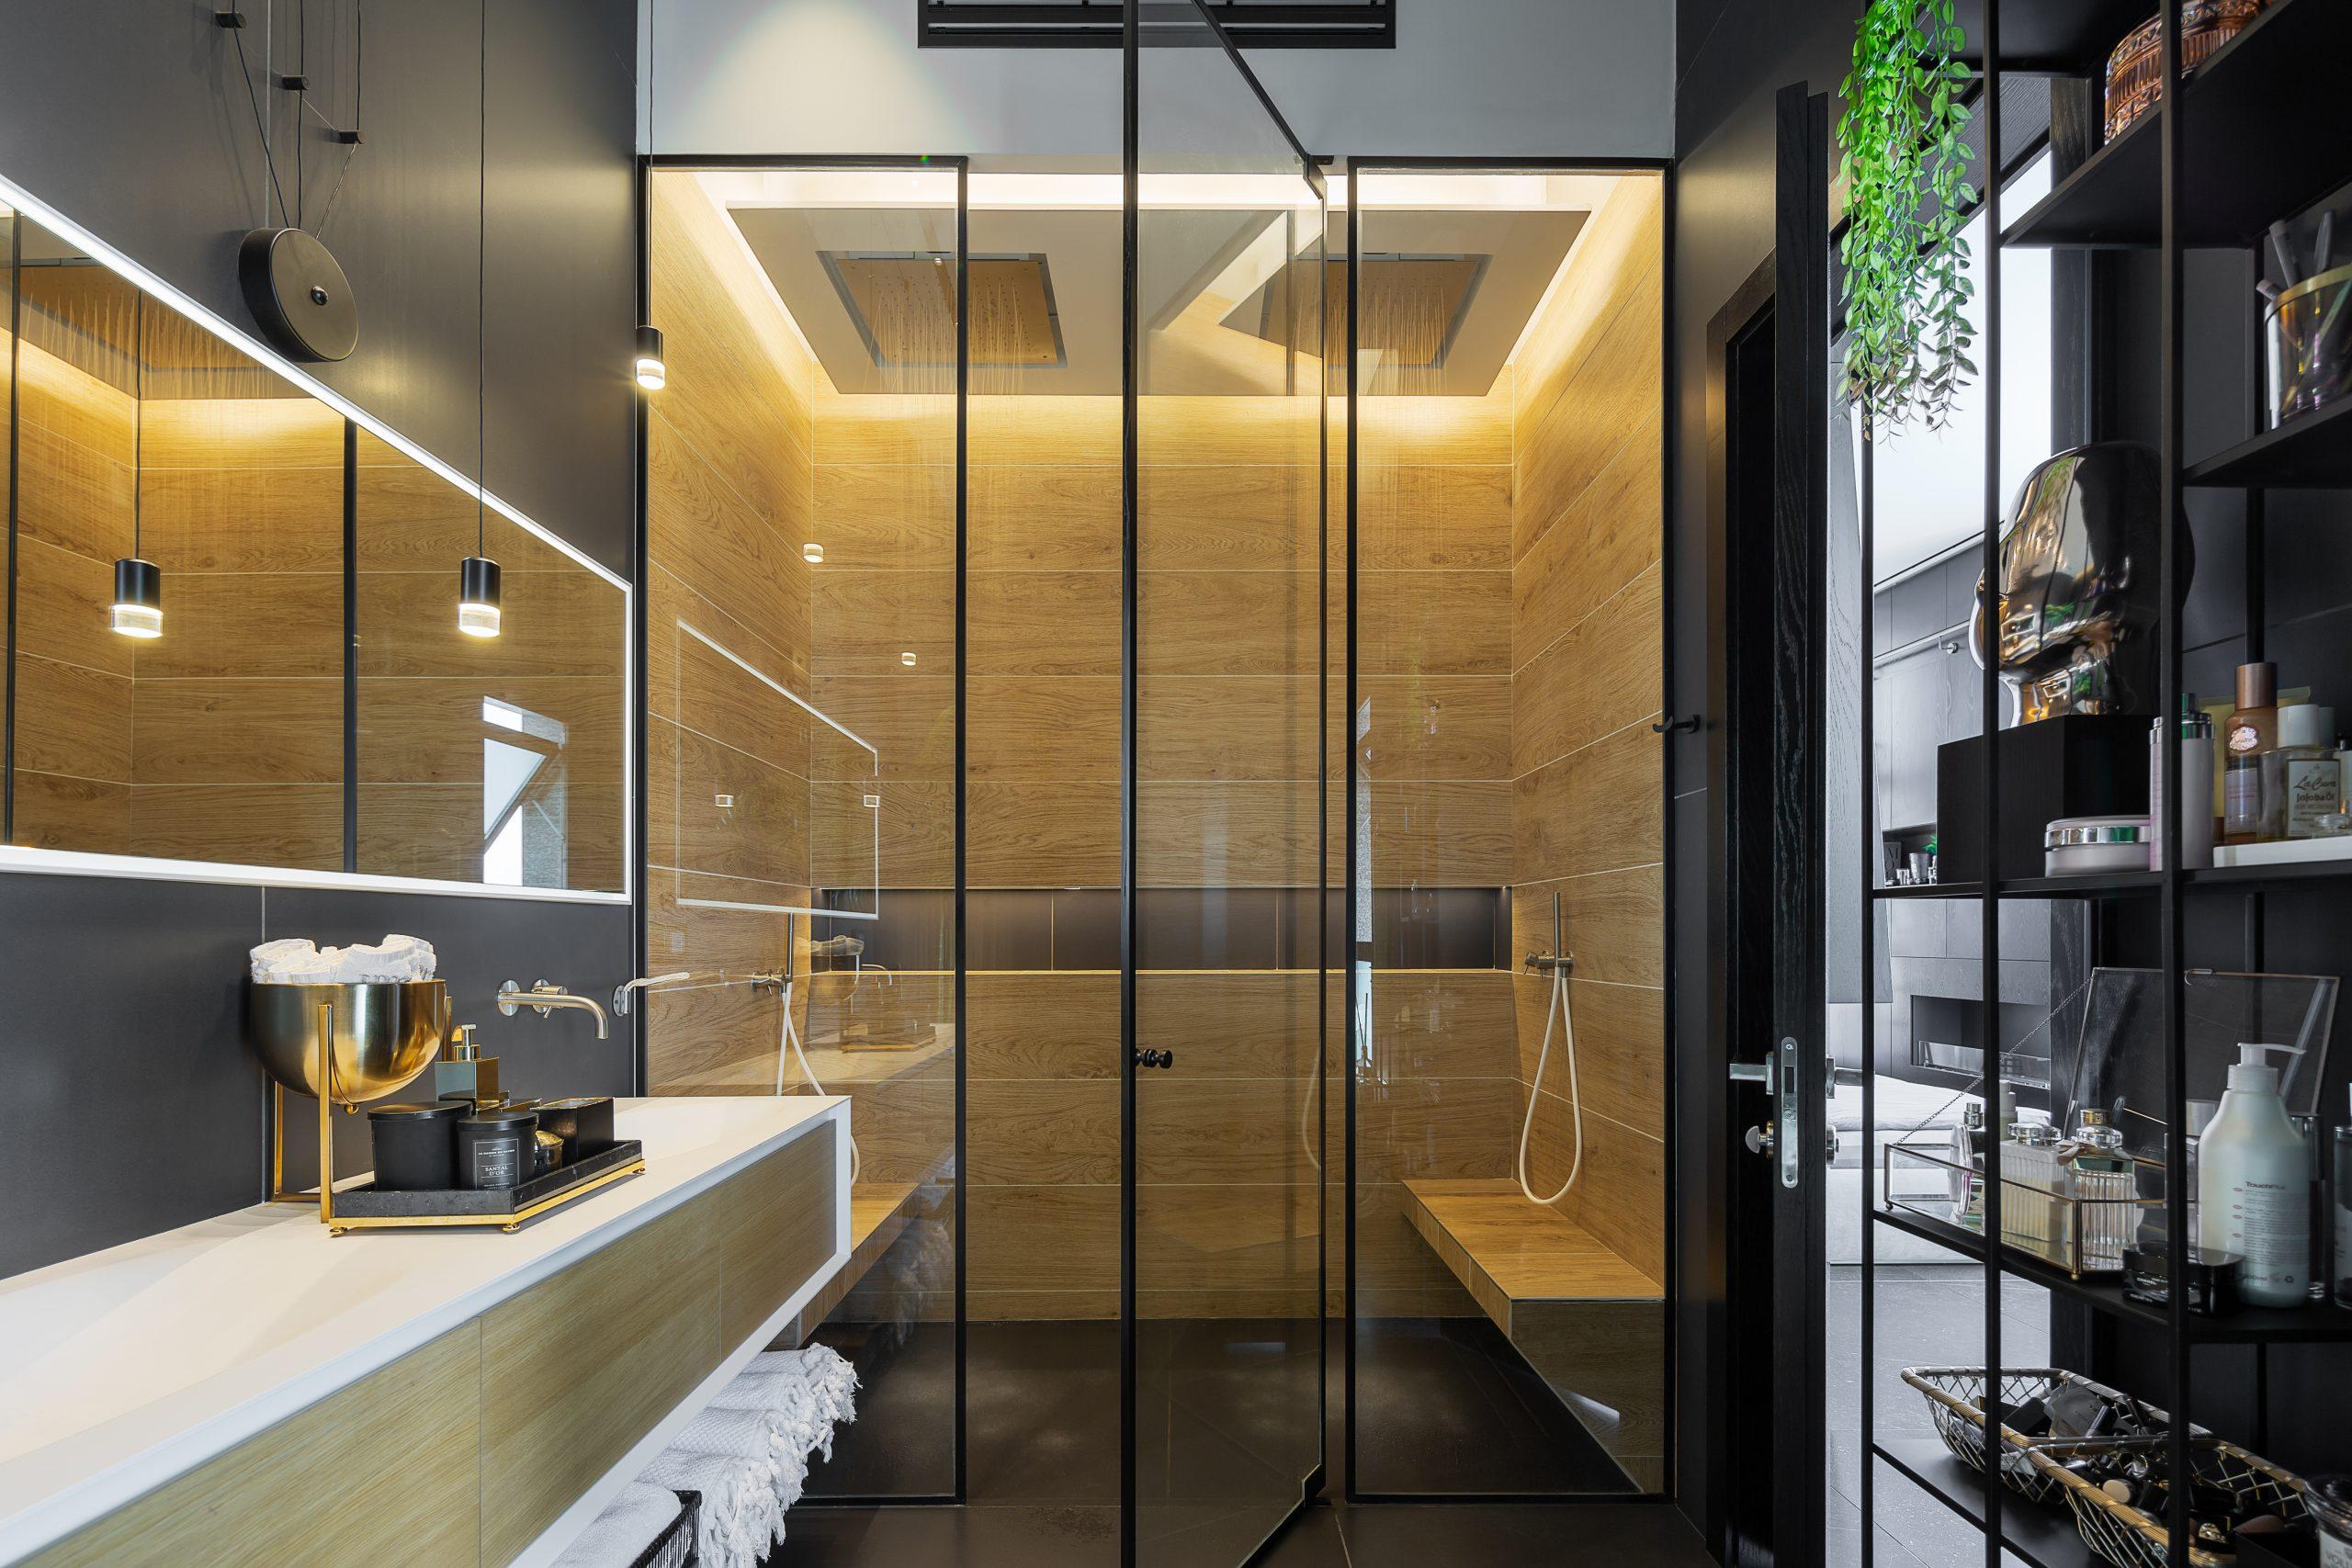 מקלחת מעוצבת עם תאורה מקצועית